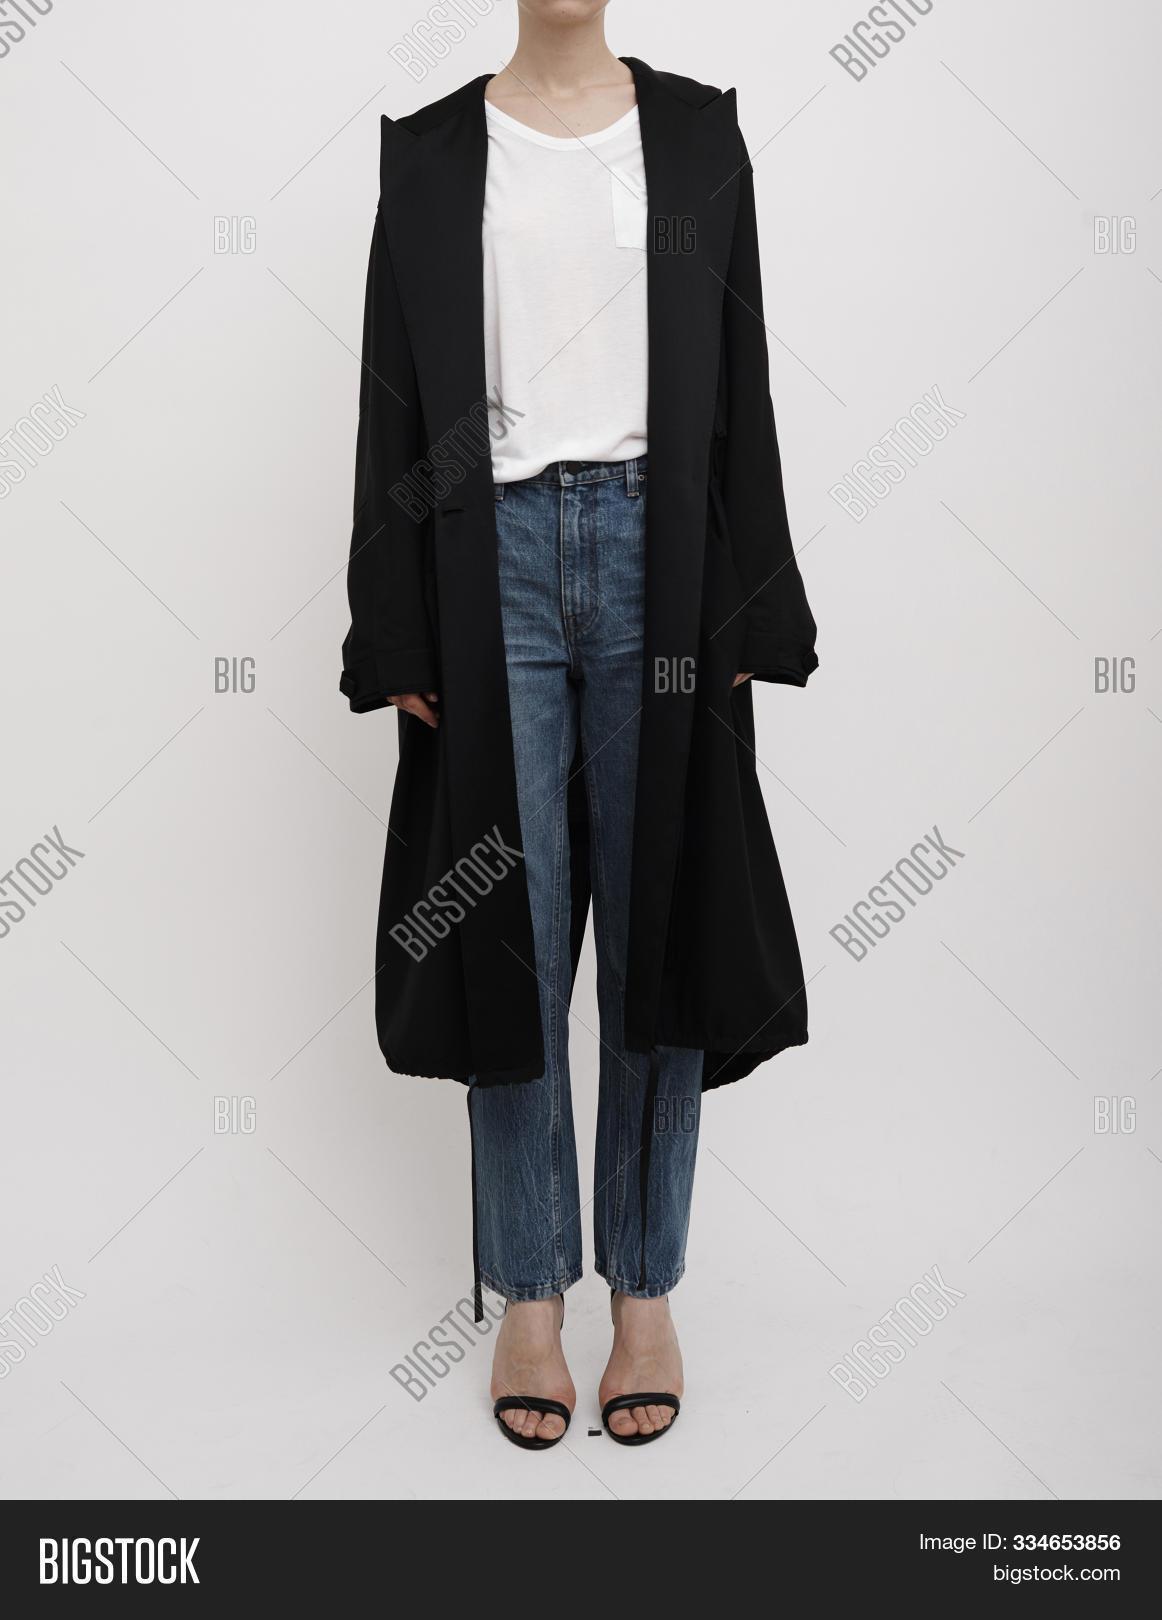 Daisy Women's Single Breasted Waterproof Long Trench Coat , Women Long Woolen Coat with white background, Women's Jackets, Coats & Blazers